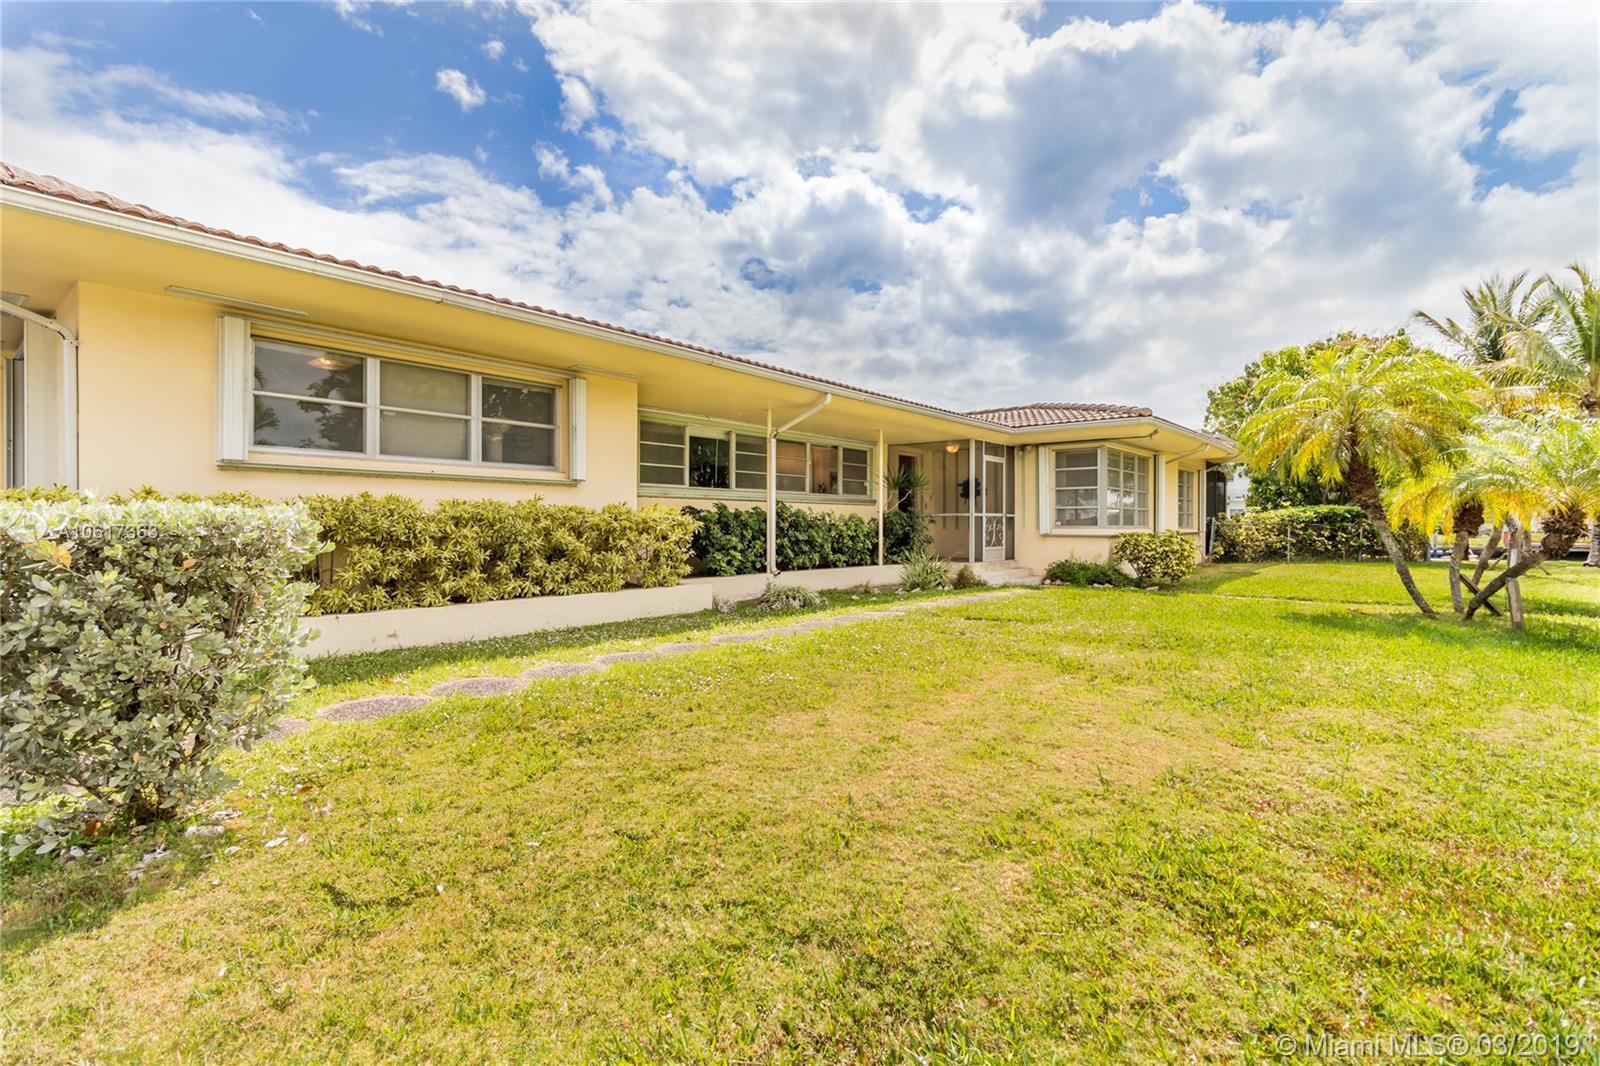 880 S Shore Dr, Miami Beach, FL 33141